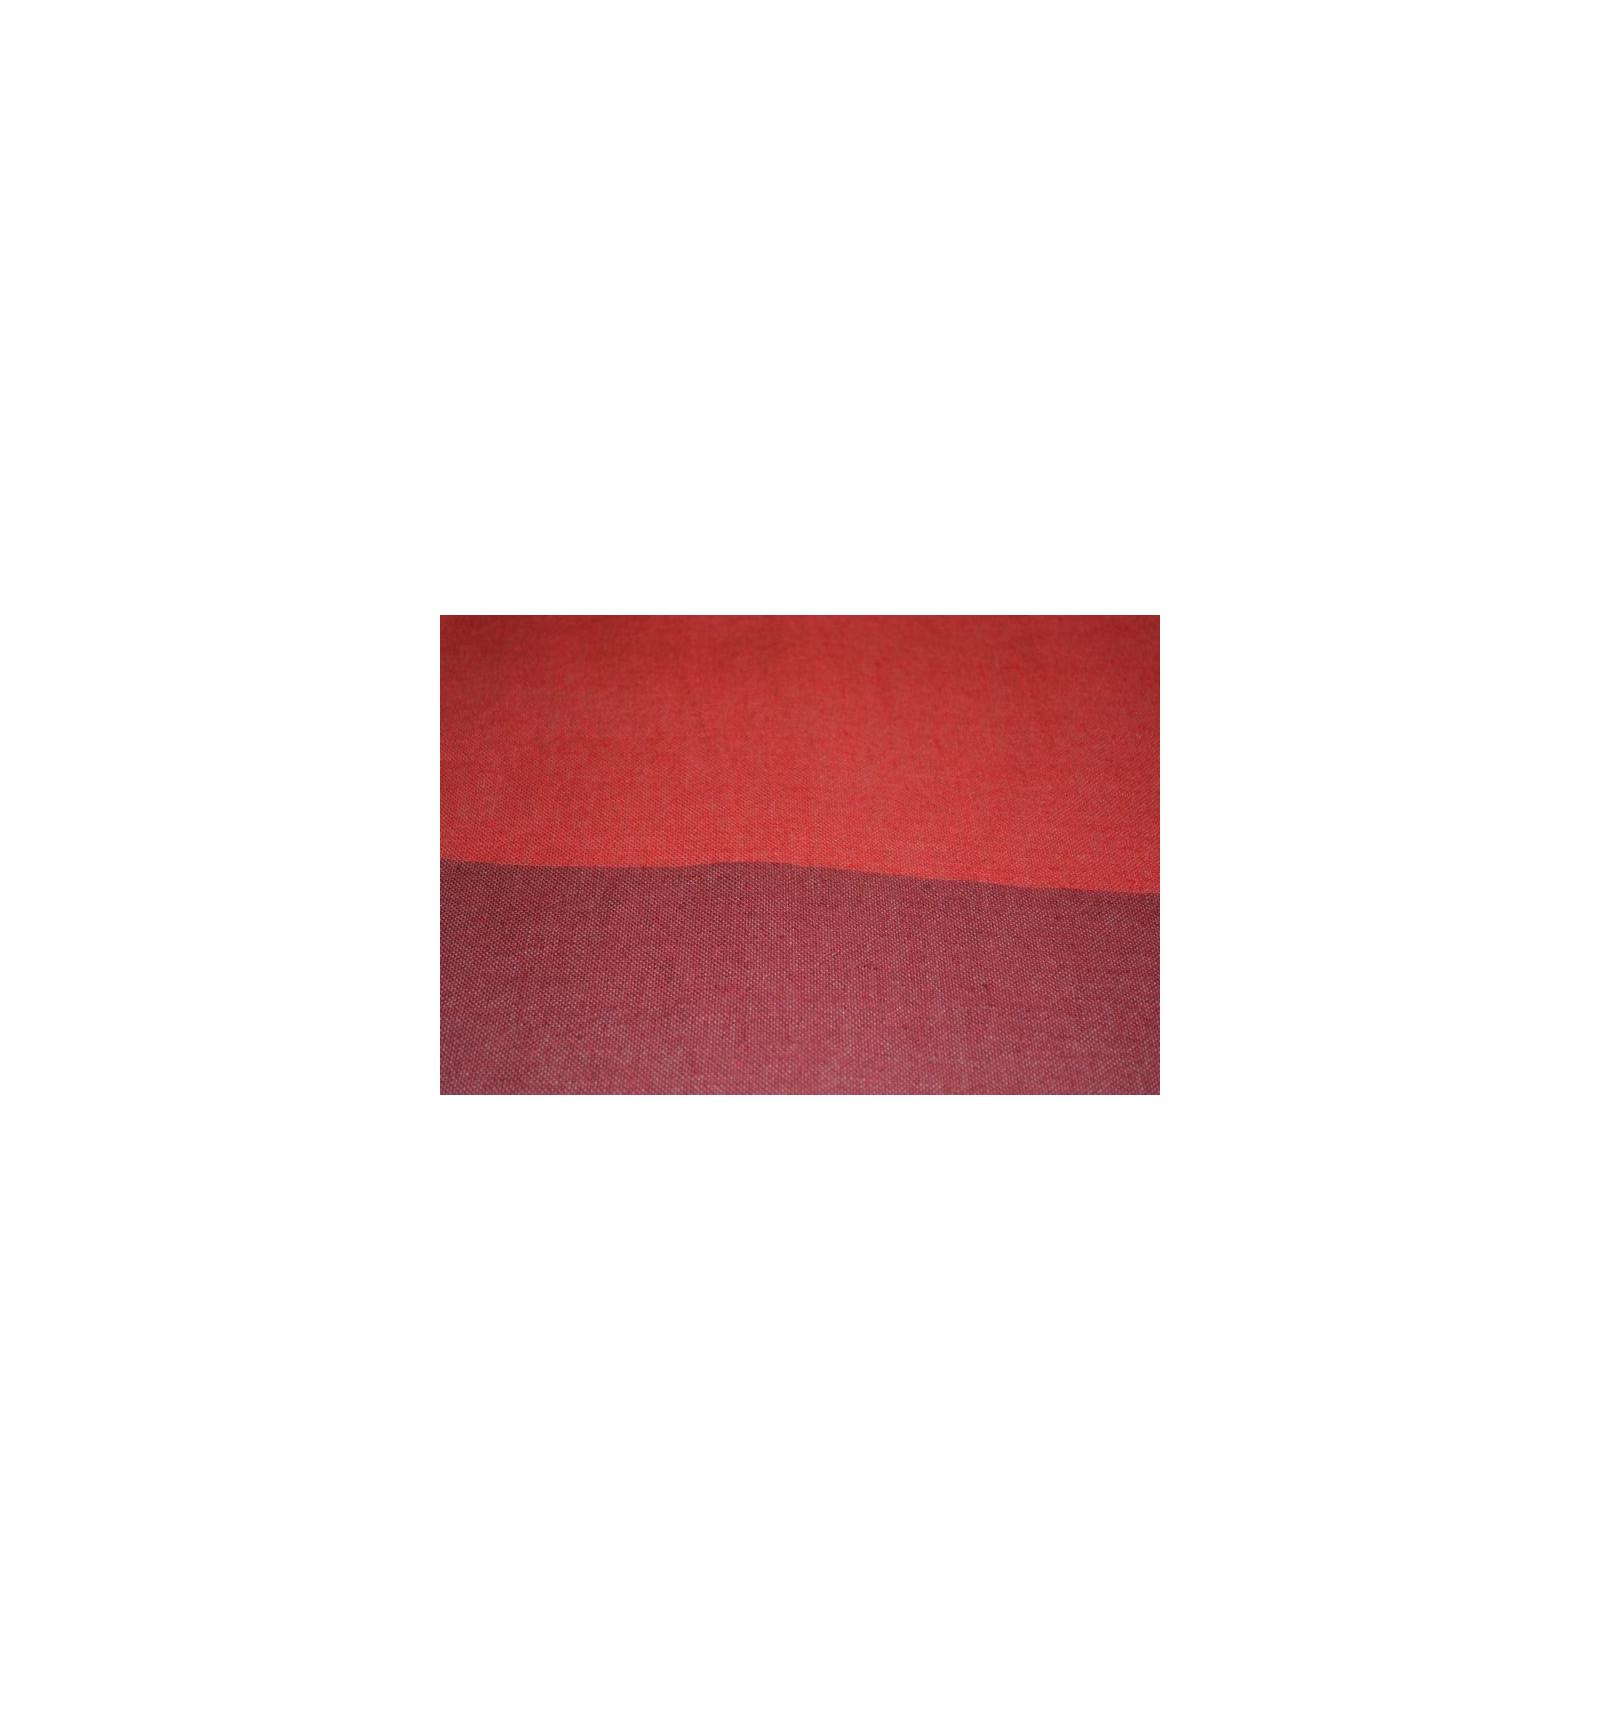 Jet de fauteuil ou canap rouge for Jete de canape rouge